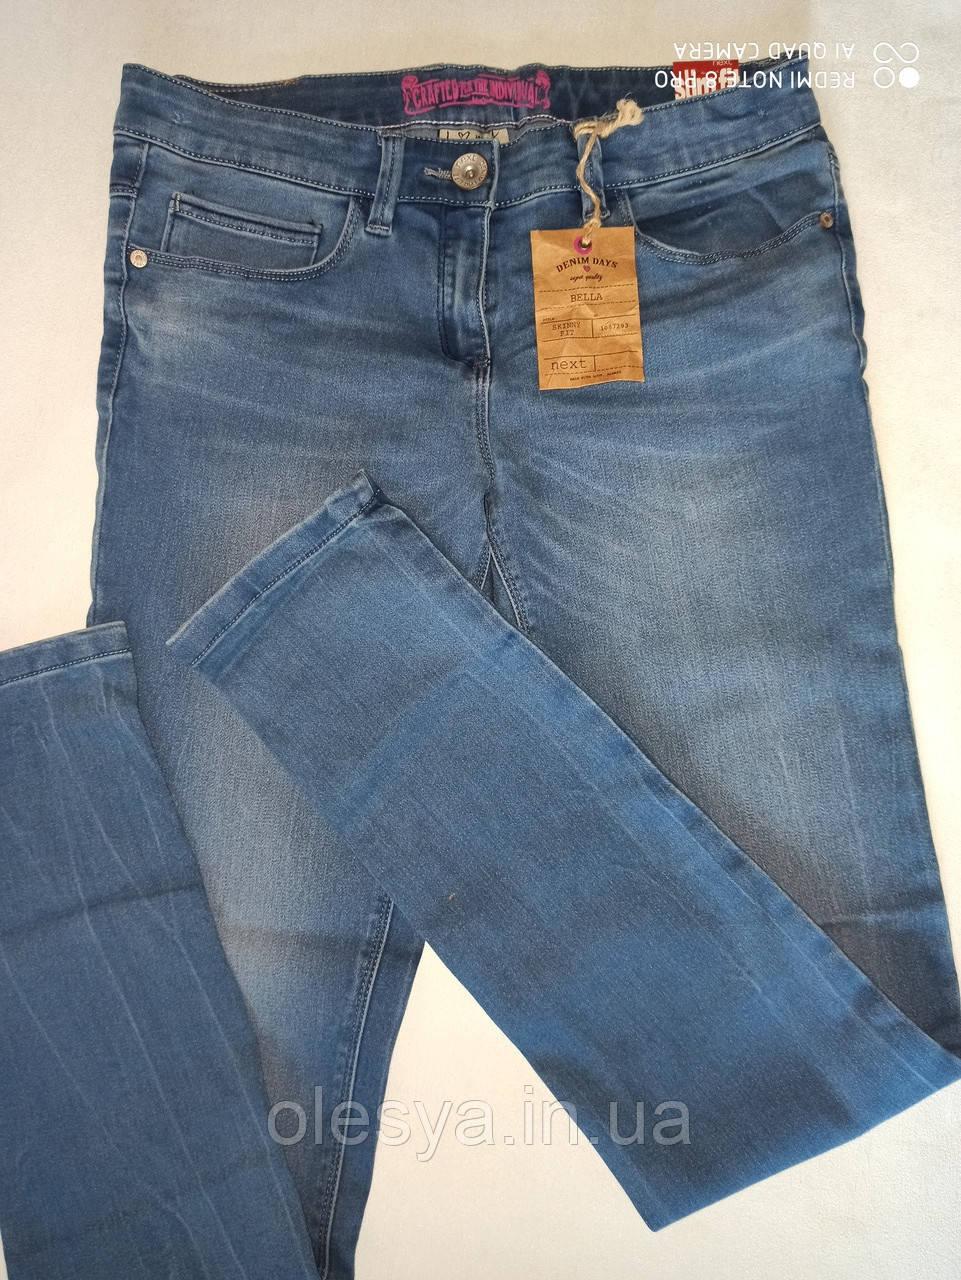 Подростковые, женские джинсы Next  Размеры 15- 16 лет